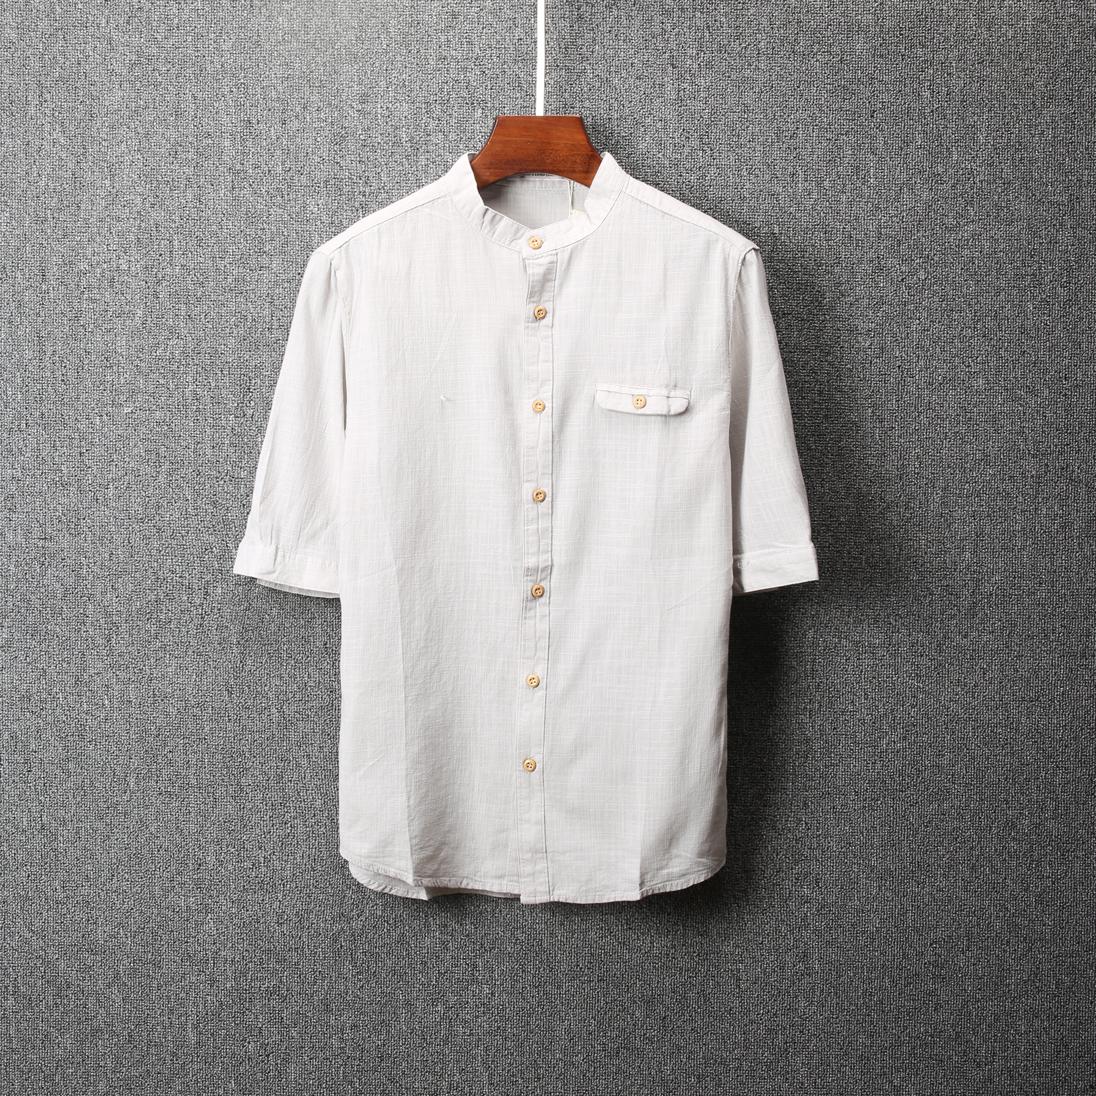 男装衬衫 2018夏季个性时尚衬衫男士短袖韩版休闲修身薄款百搭青年衬衣1527_推荐淘宝好看的男衬衫